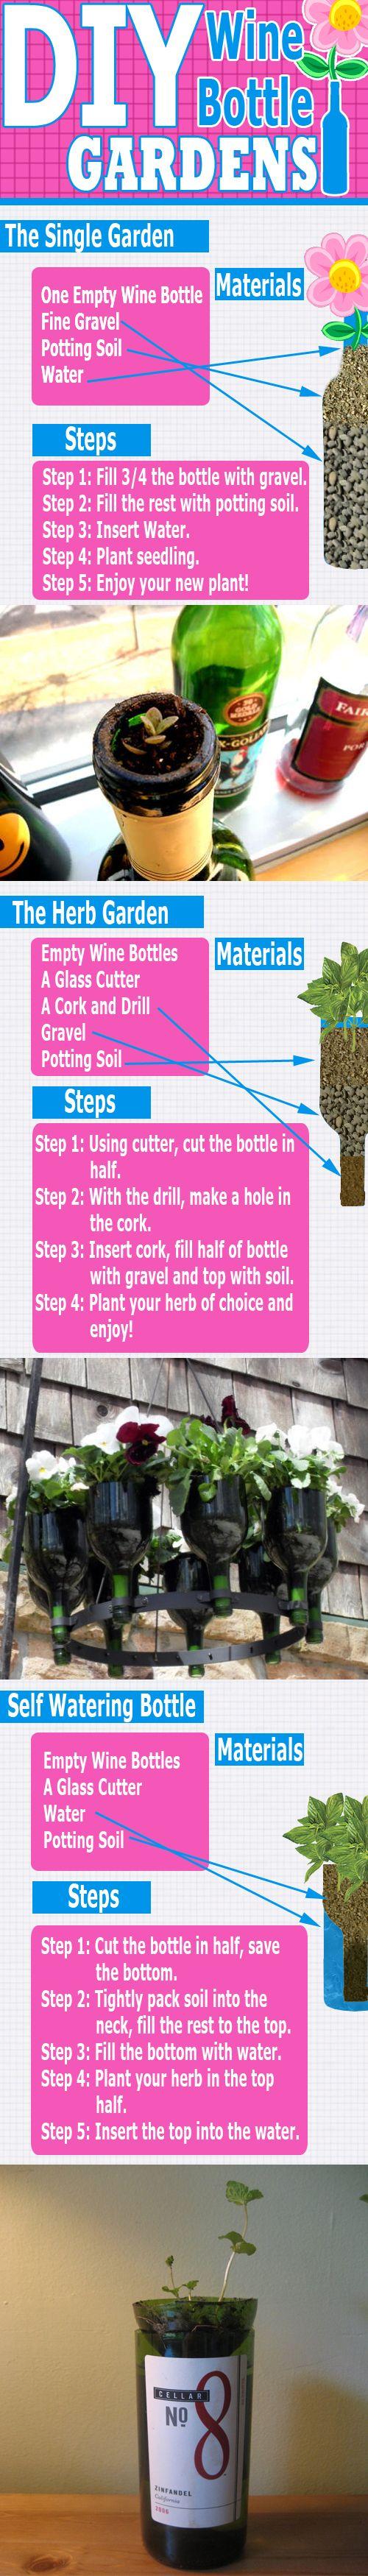 DIY Wine bottle garden!